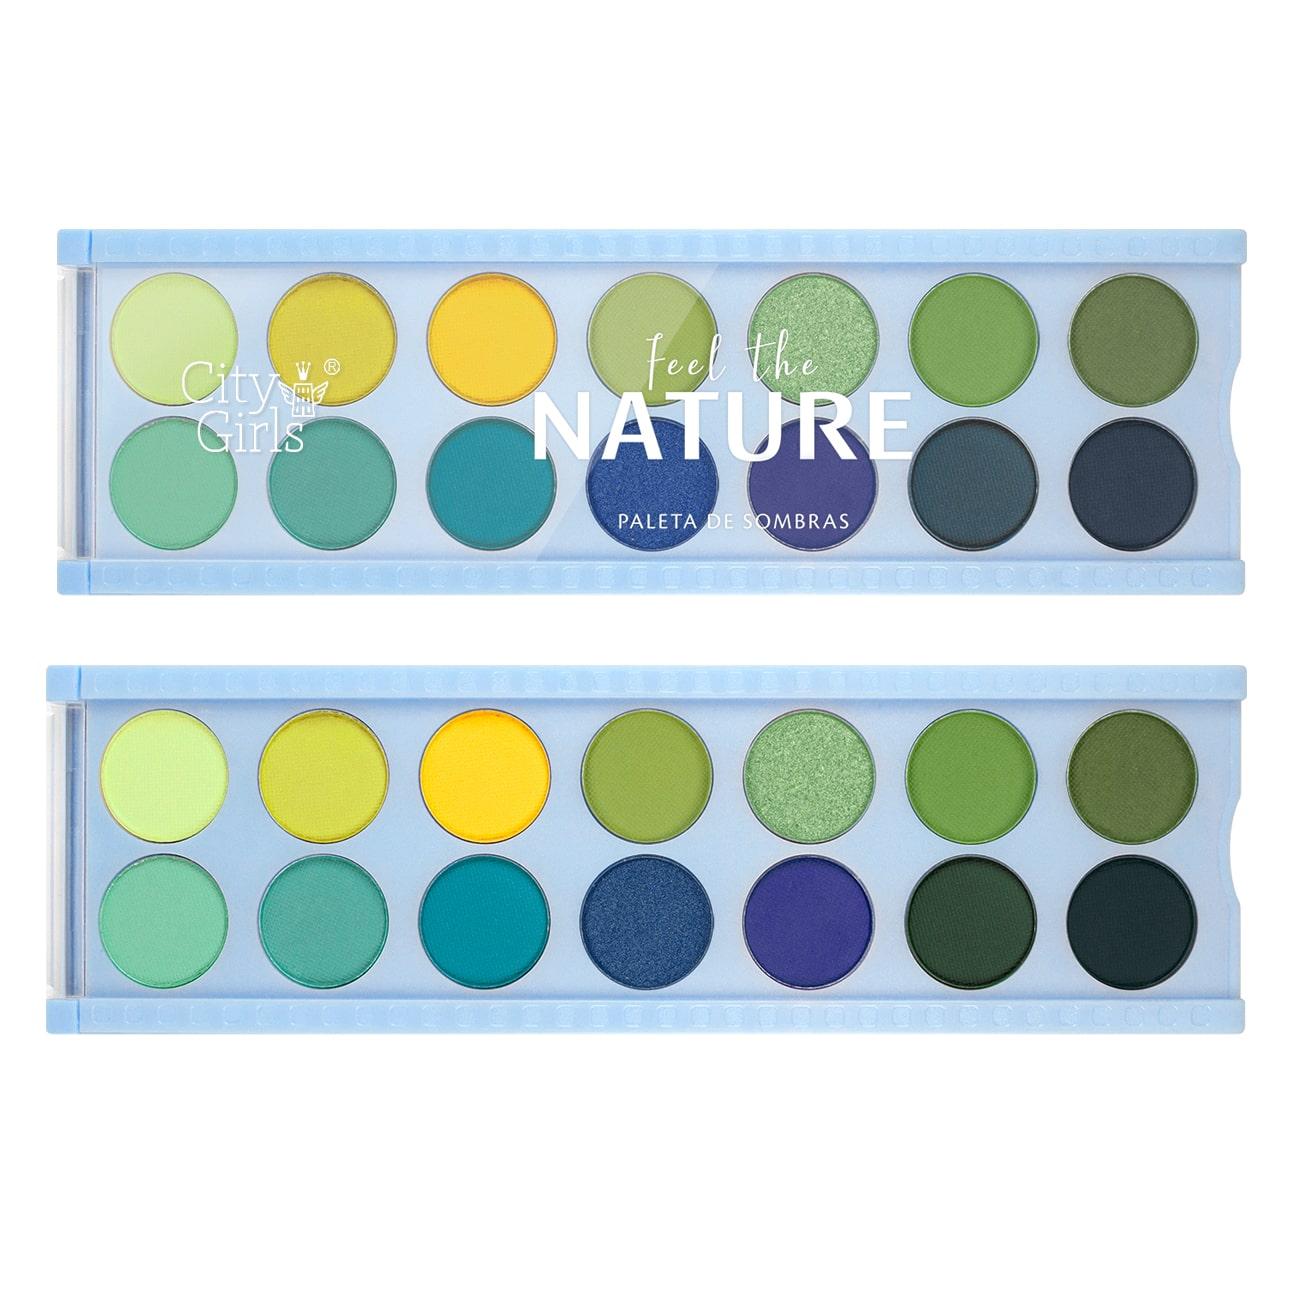 Paleta de Sombras 10 Cores Broadway SP Colors